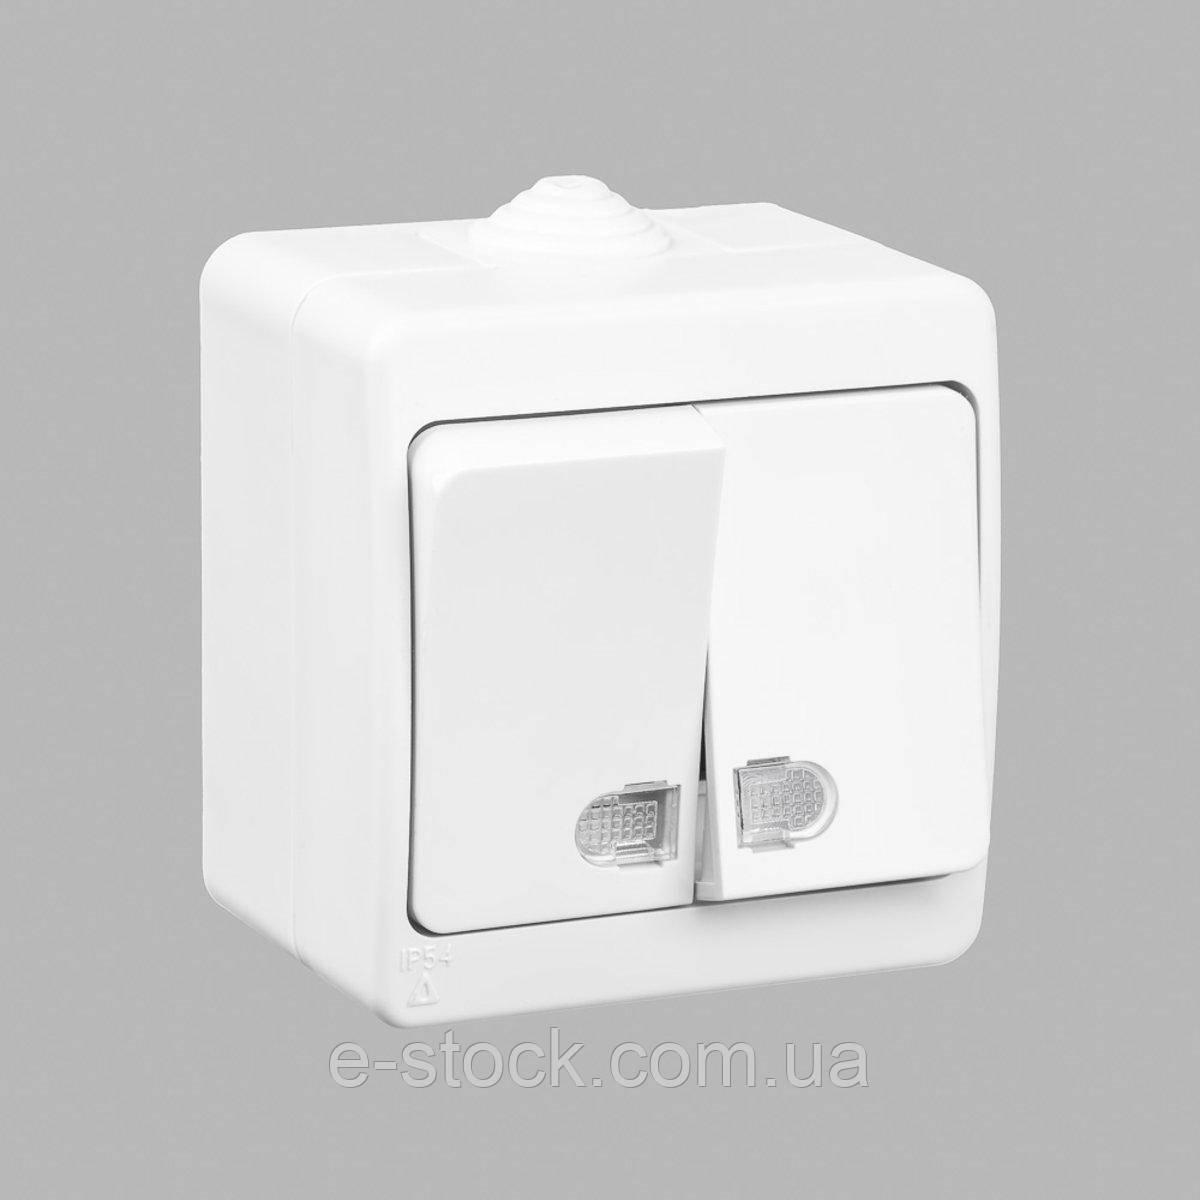 Nemli выключатель 2-ой с подсветкой влагозащищенный серый